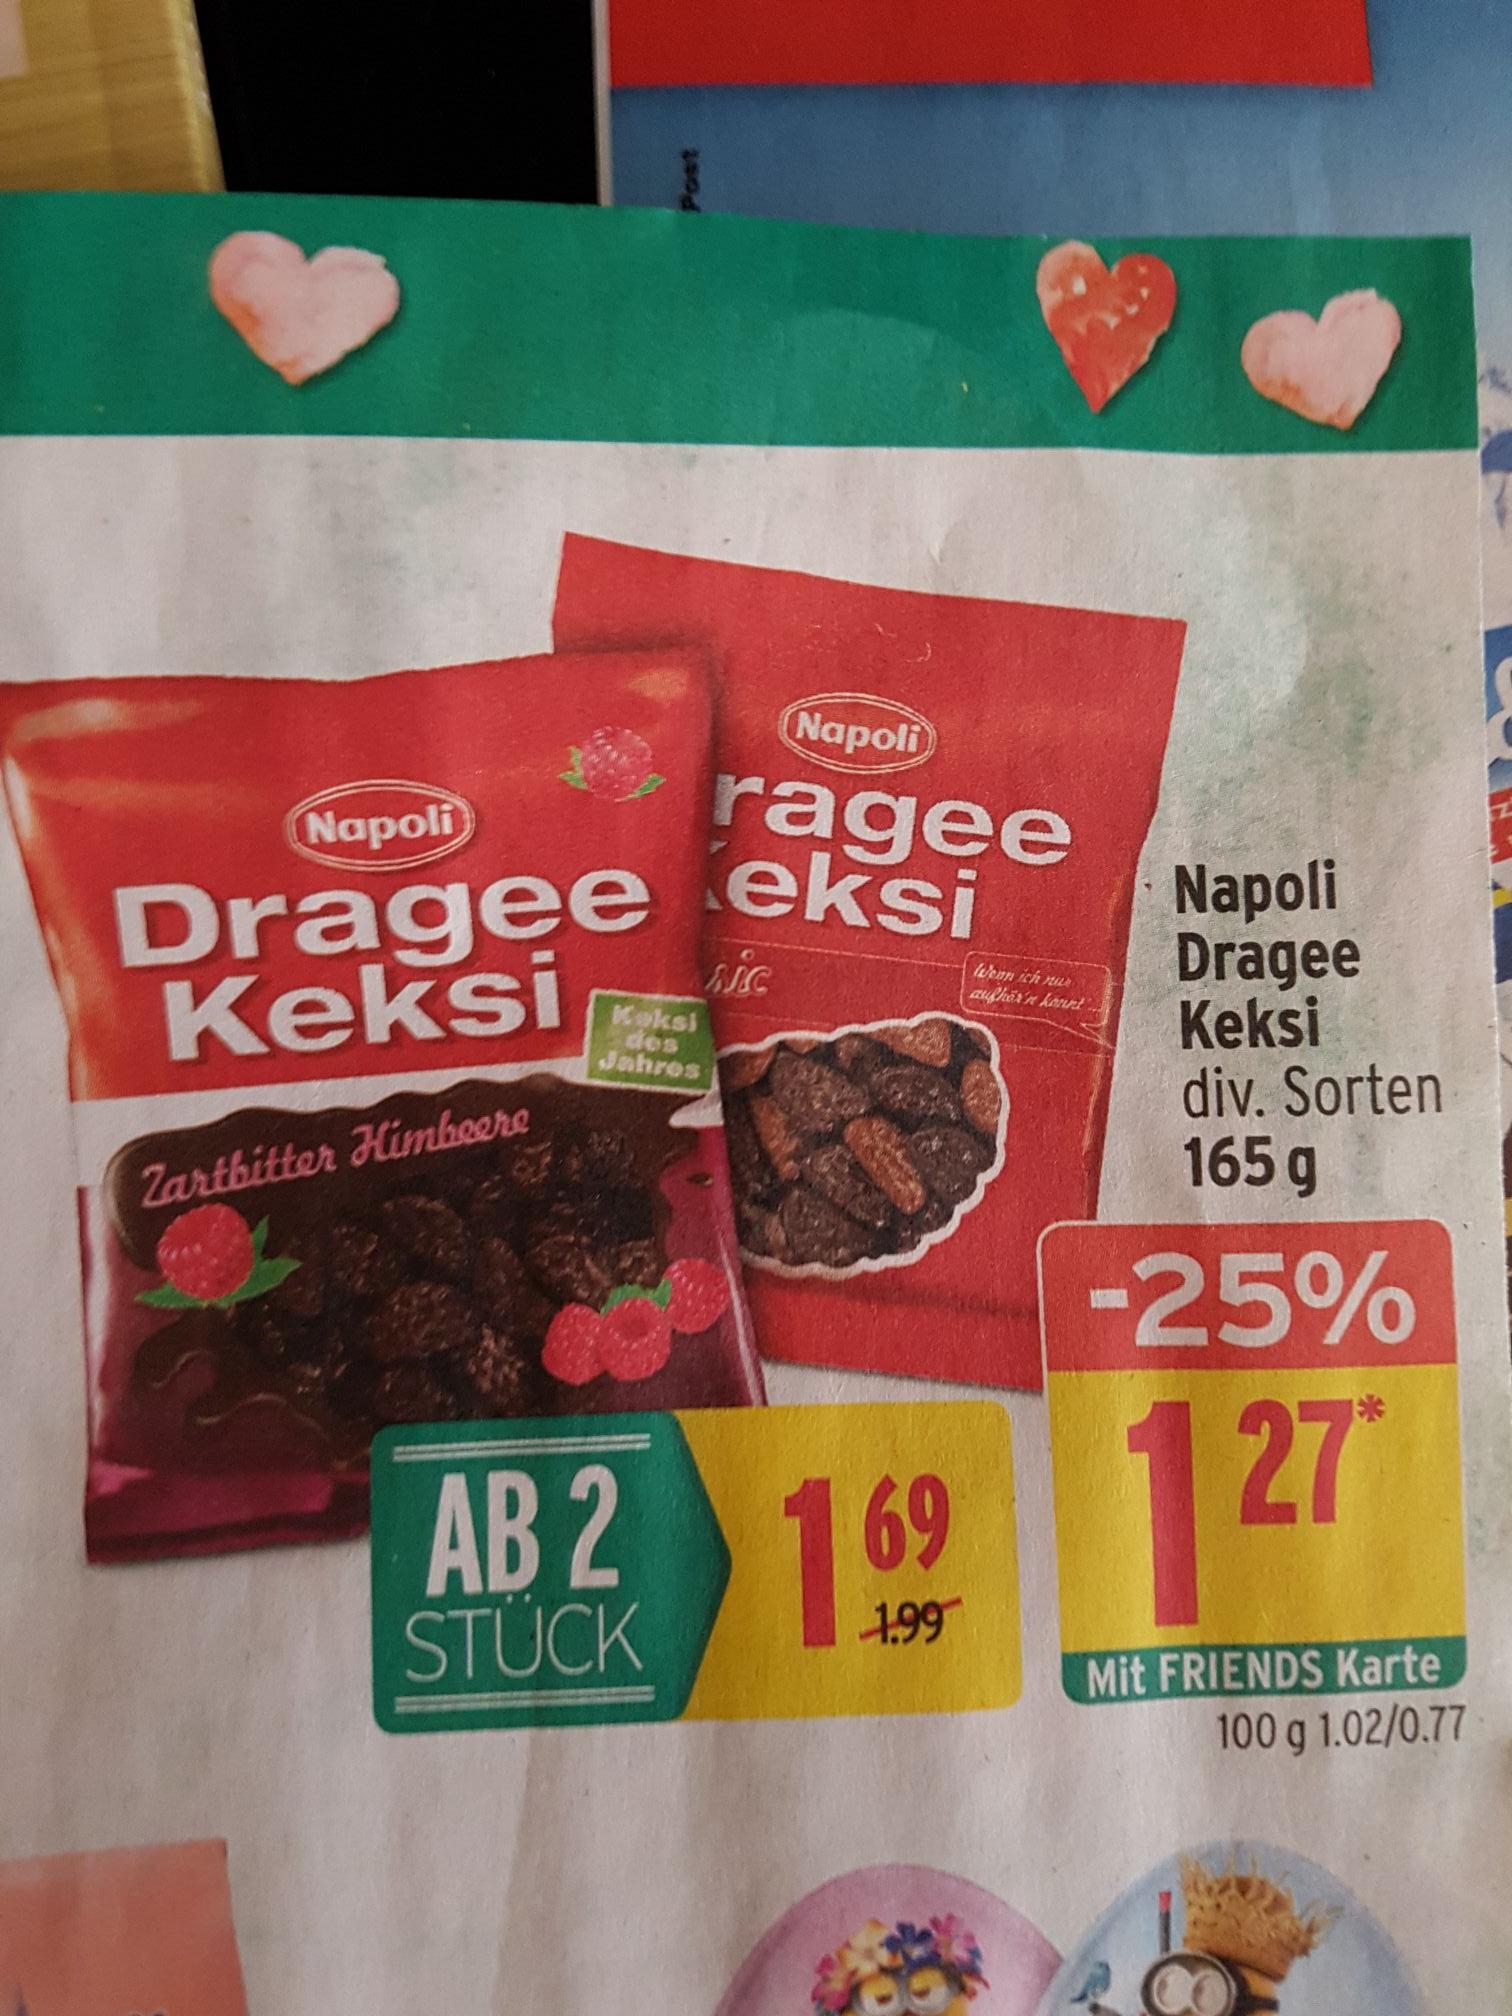 Merkur + Marktguru: Dragee Keksi mit Cashback um 0,77 €